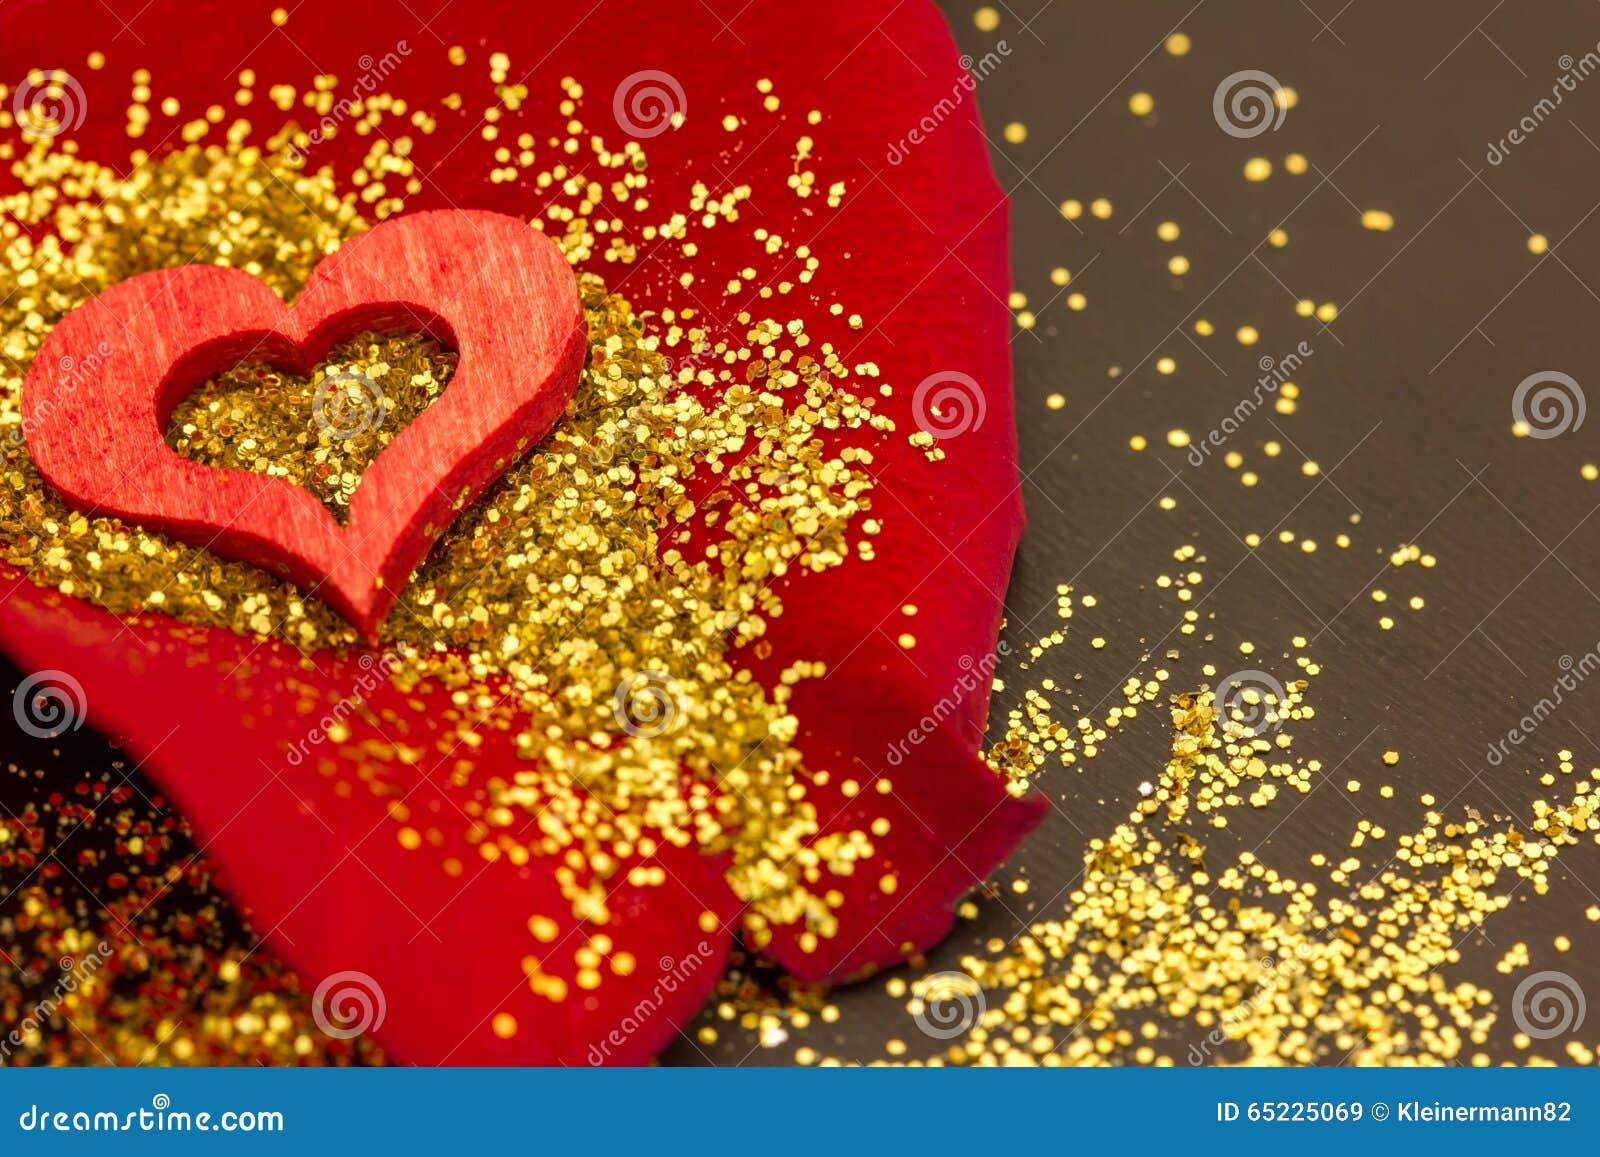 Czerwony serce na róża płatku